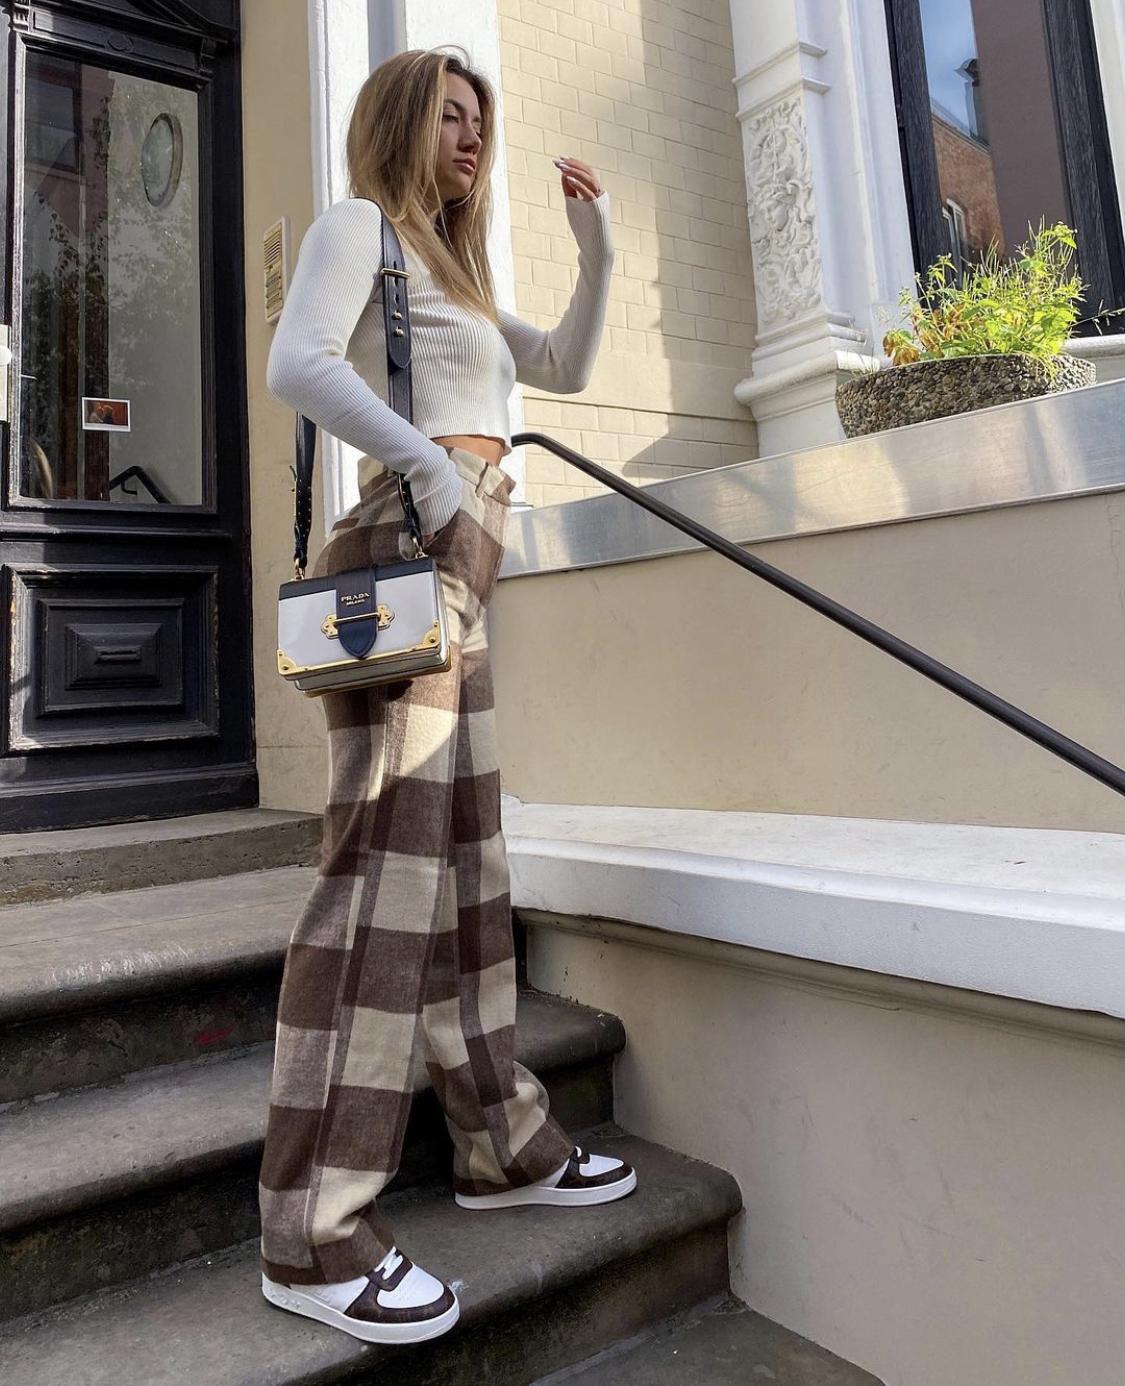 quan ong suong caro street style evelyn konrad